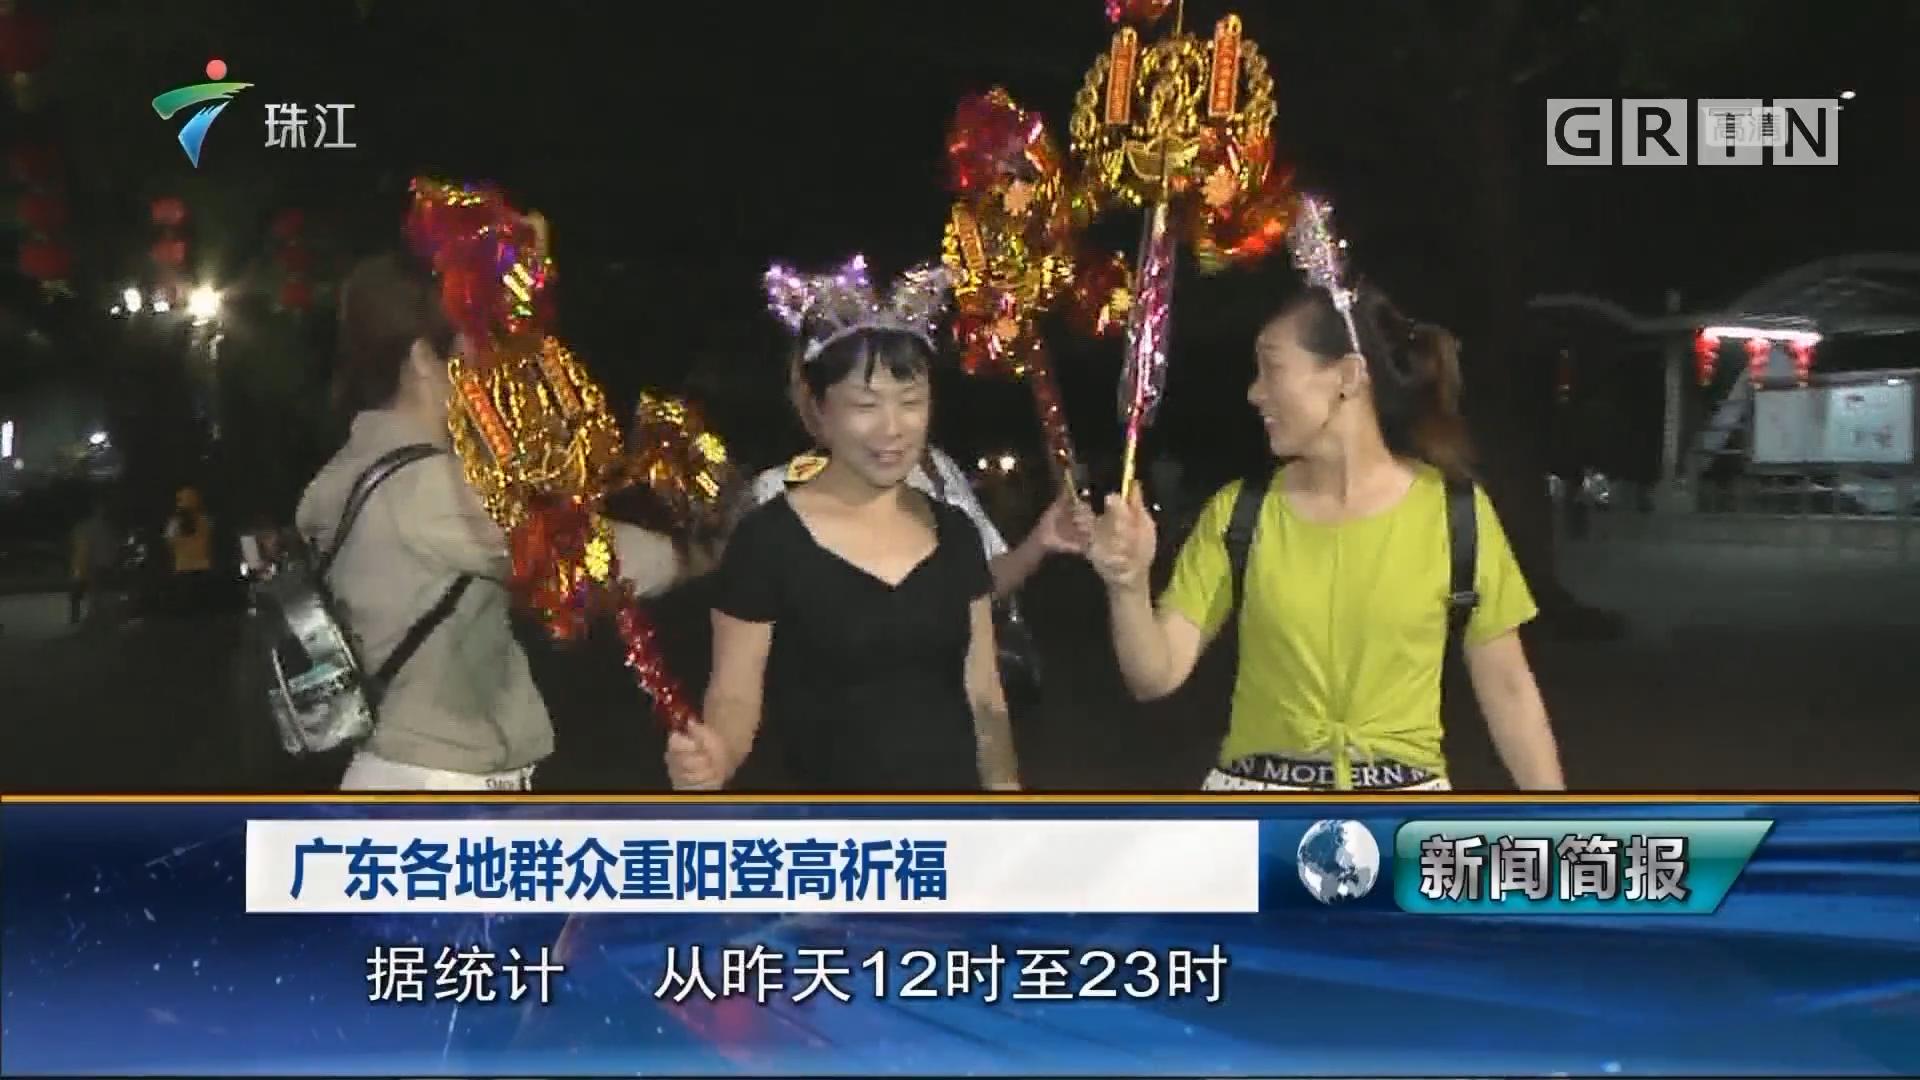 广东各地群众重阳登高祈福